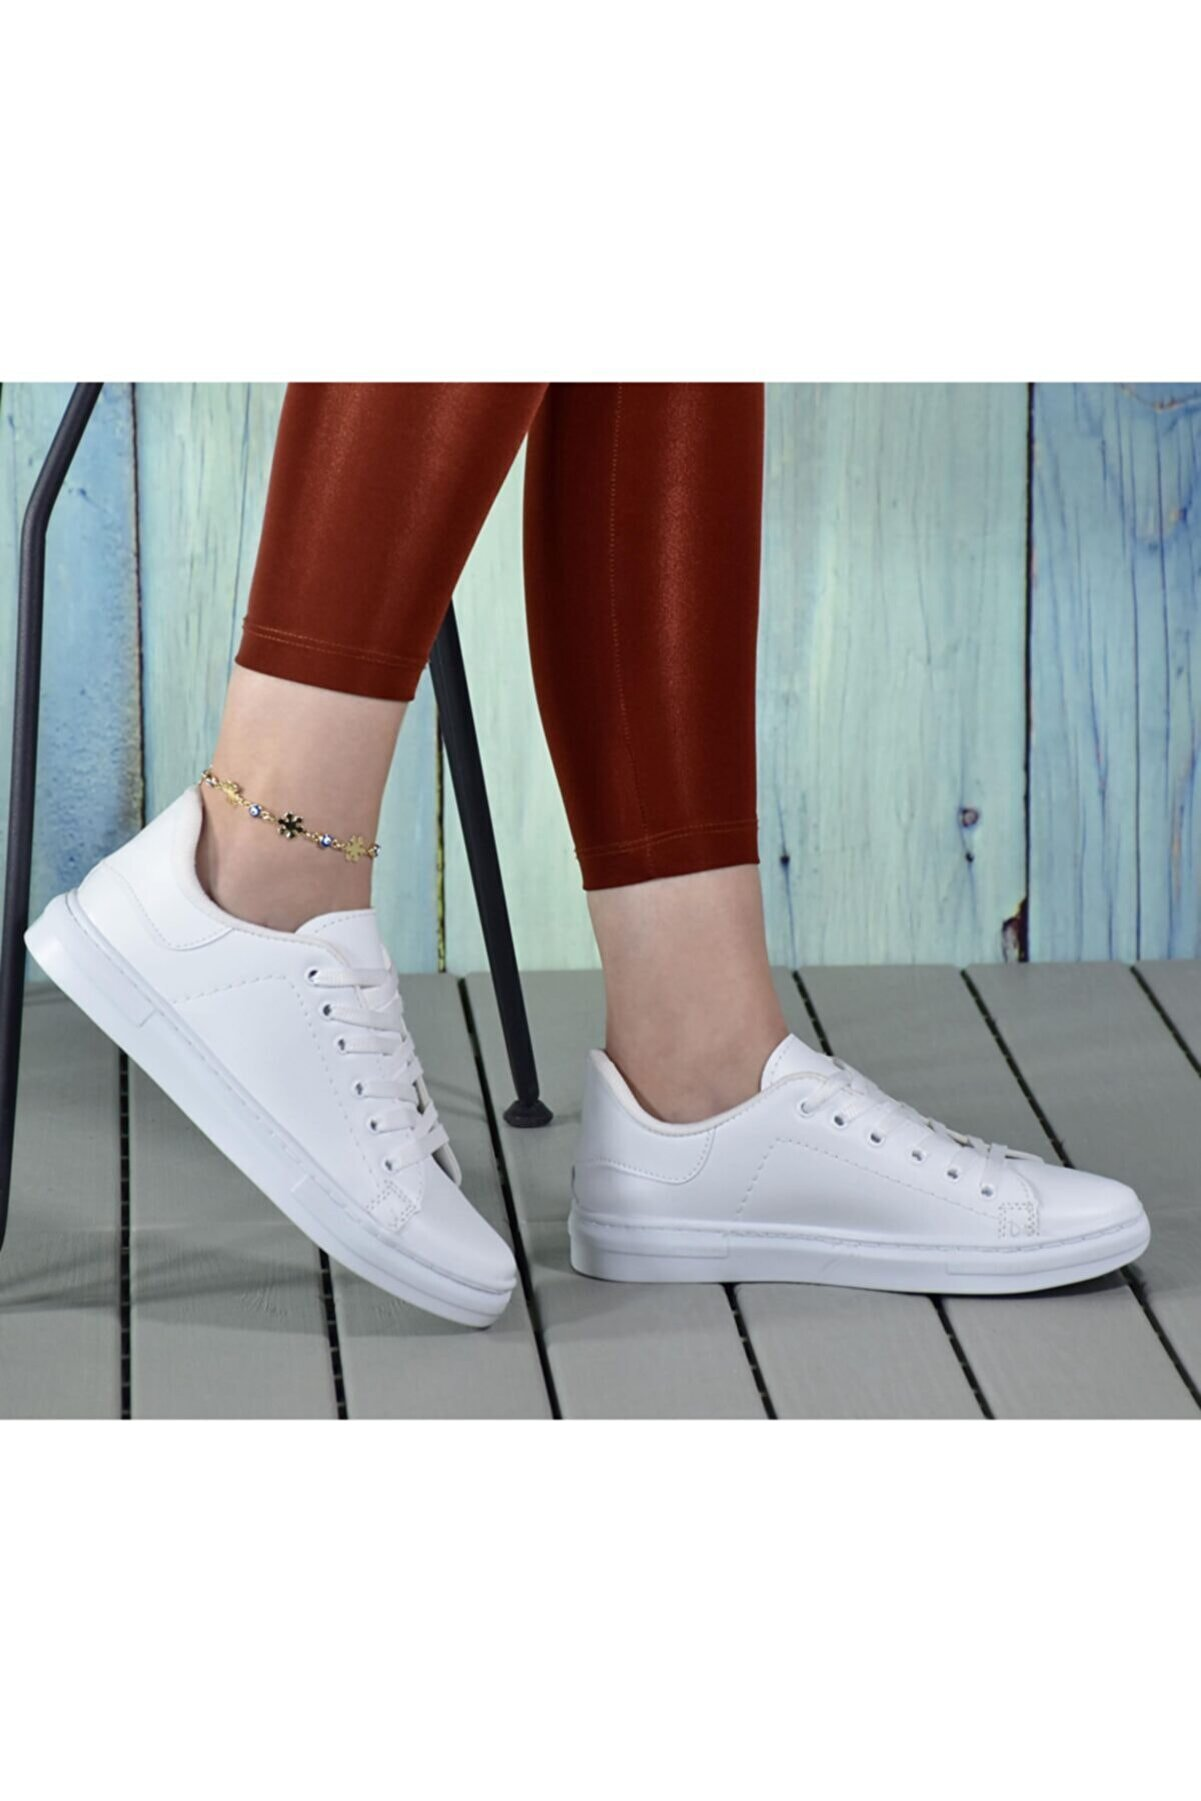 ODESA AYAKKABI MARKET Kadın Casual Bağcıklı Spor Ayakkabı